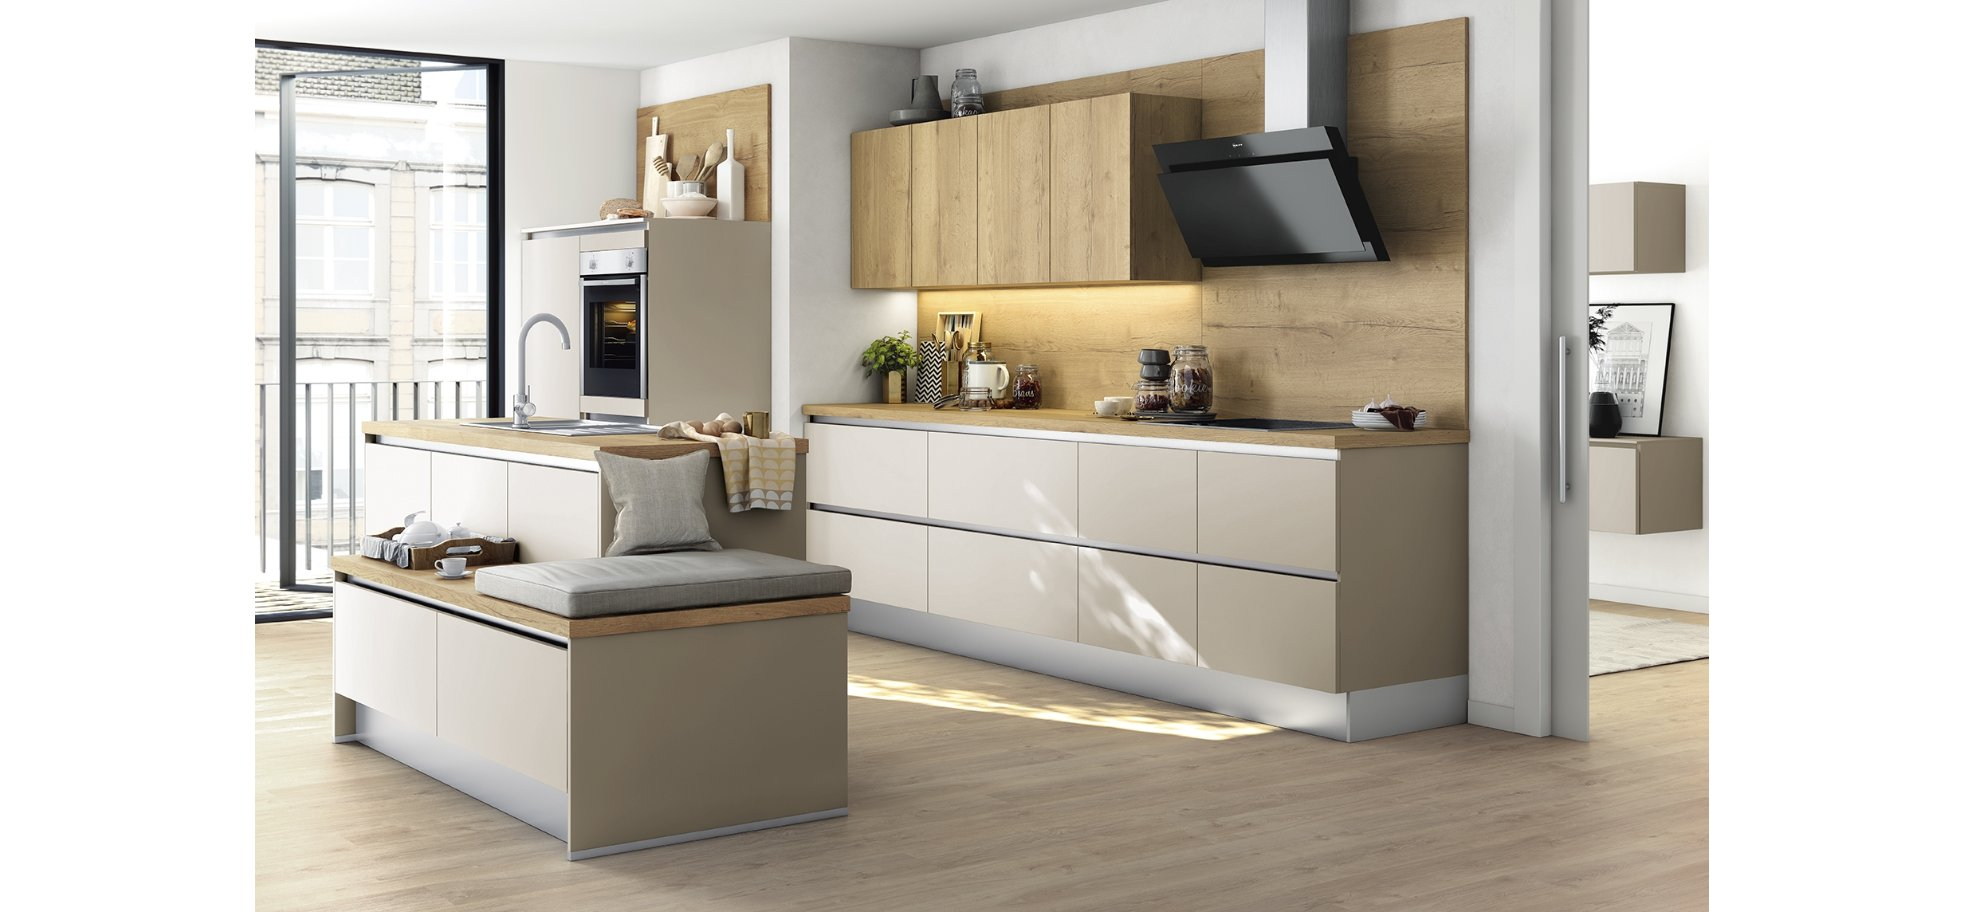 Edle Wohnküche mit RESOPAL® Fronten in Weiß matt - Wuerthner.de